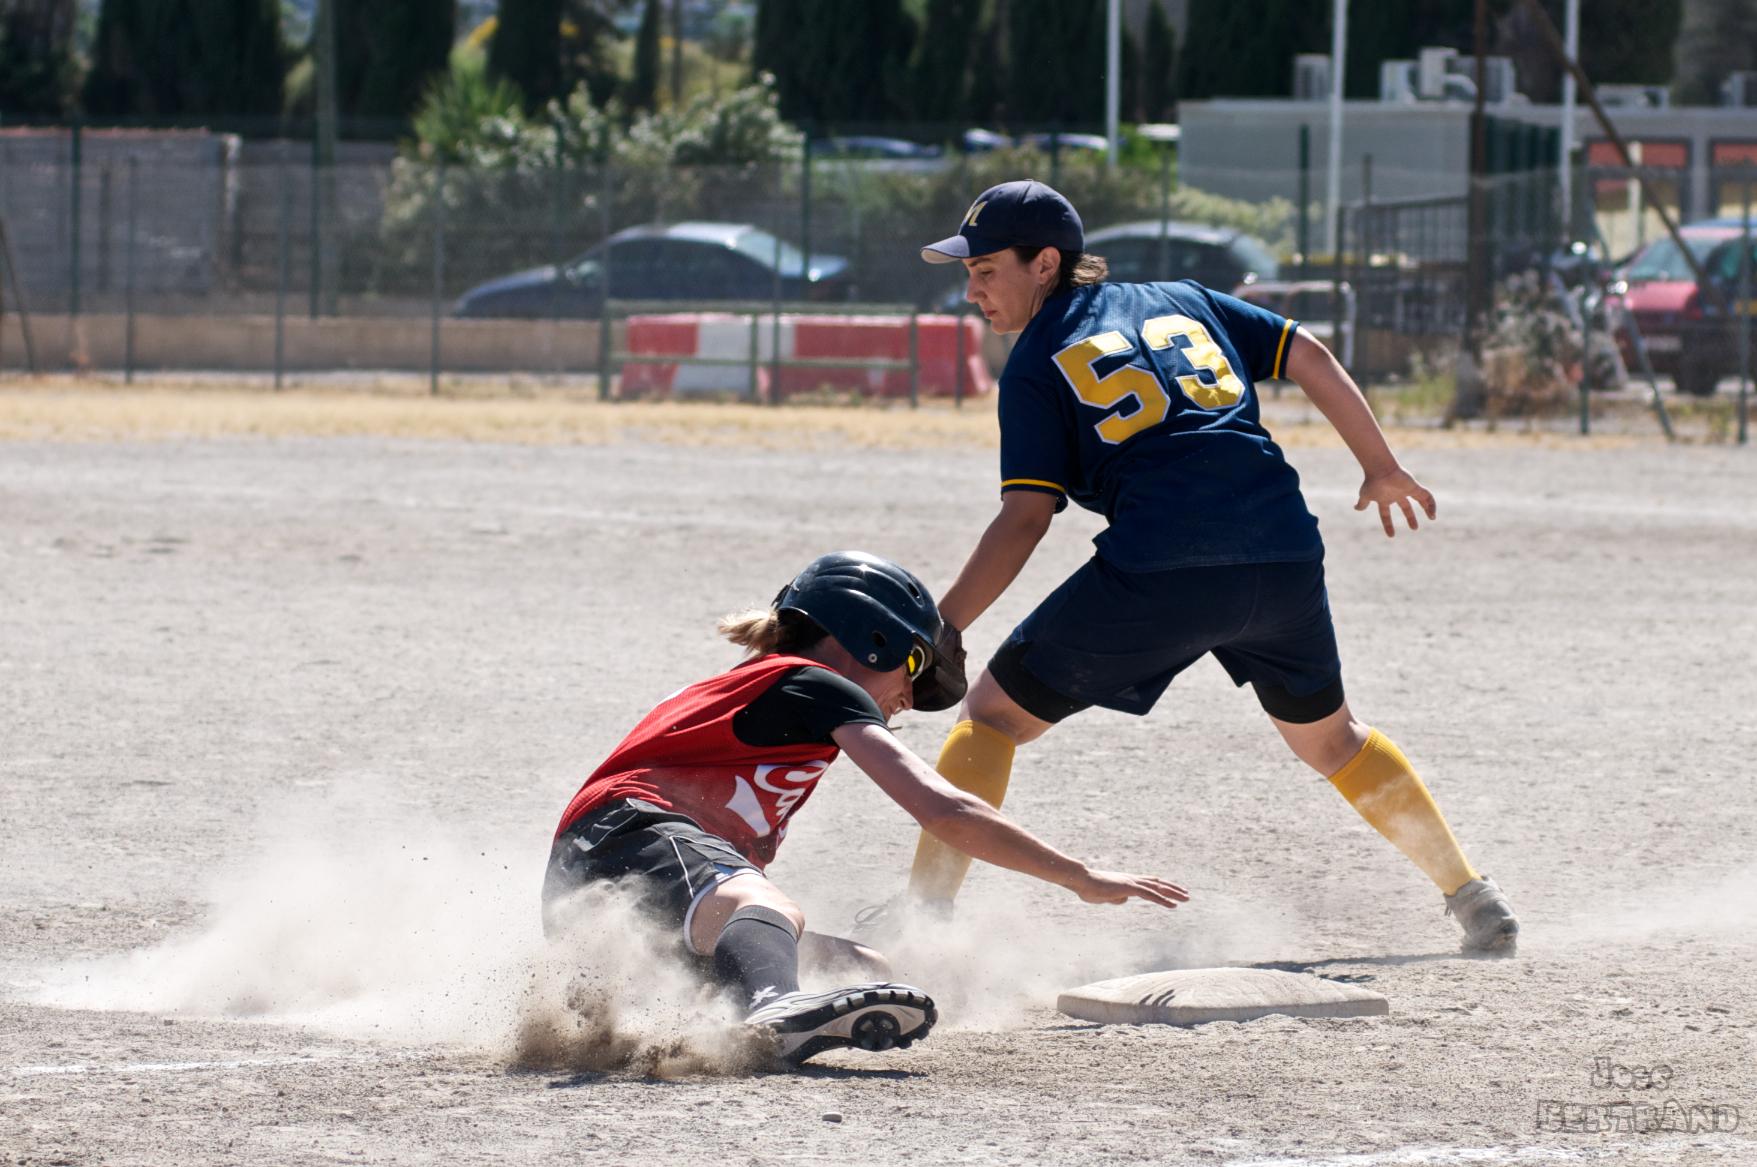 Le coureur touche la base avant d'être touché par la balle à l'intérieur du gant. ©Meds